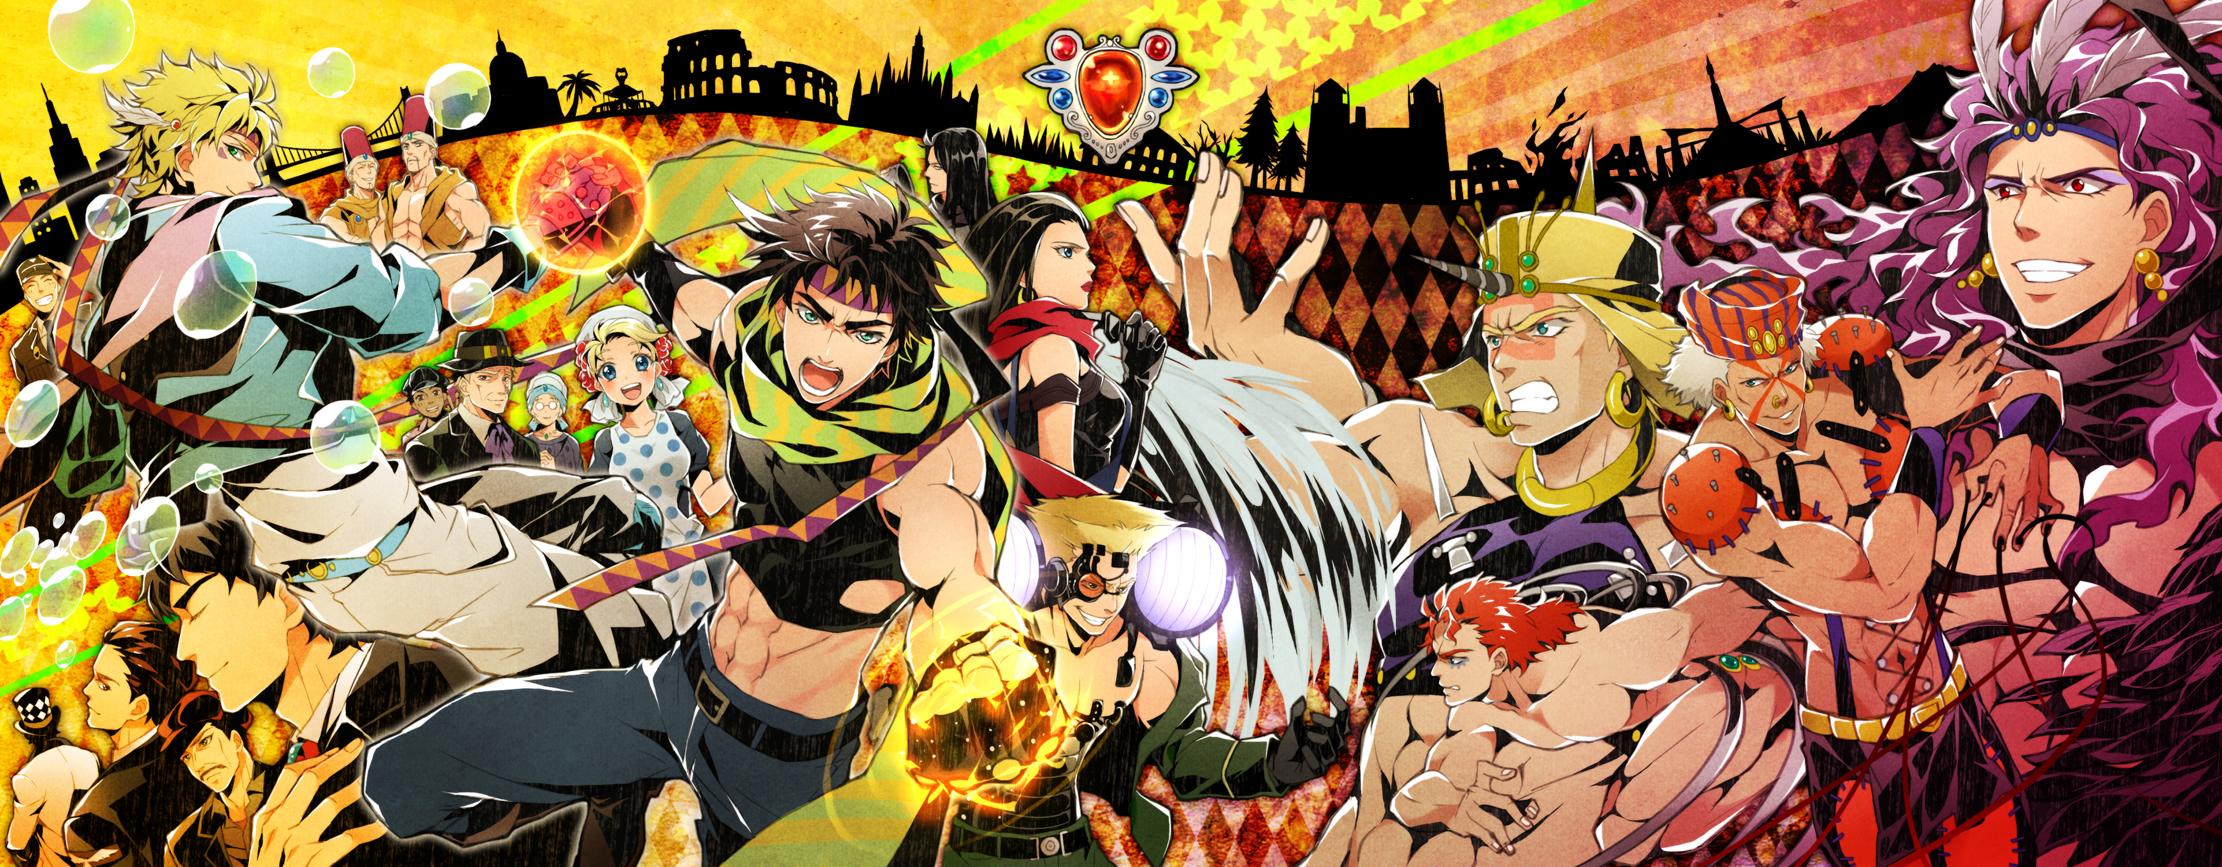 Rudolph Von Stroheim Battle Tendency Zerochan Anime